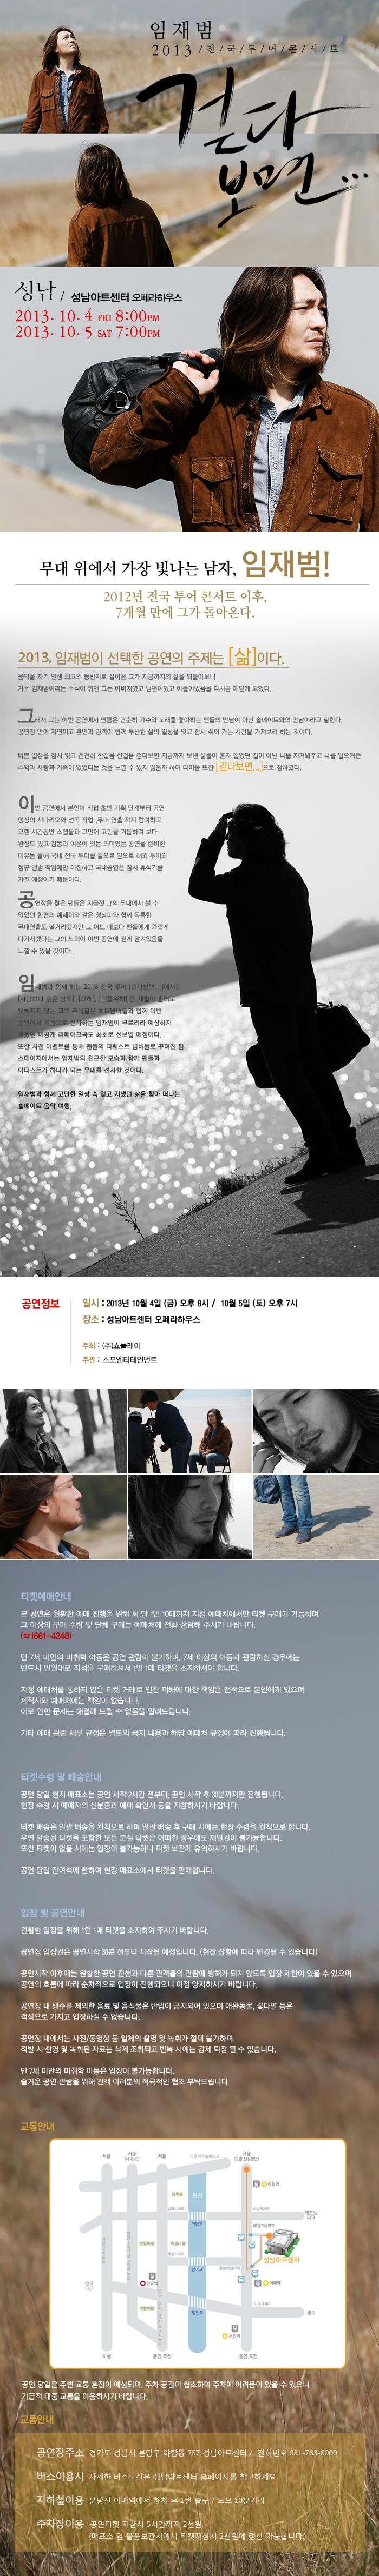 임재범 2013 전국투어콘서트 성남 <걷다보면...>